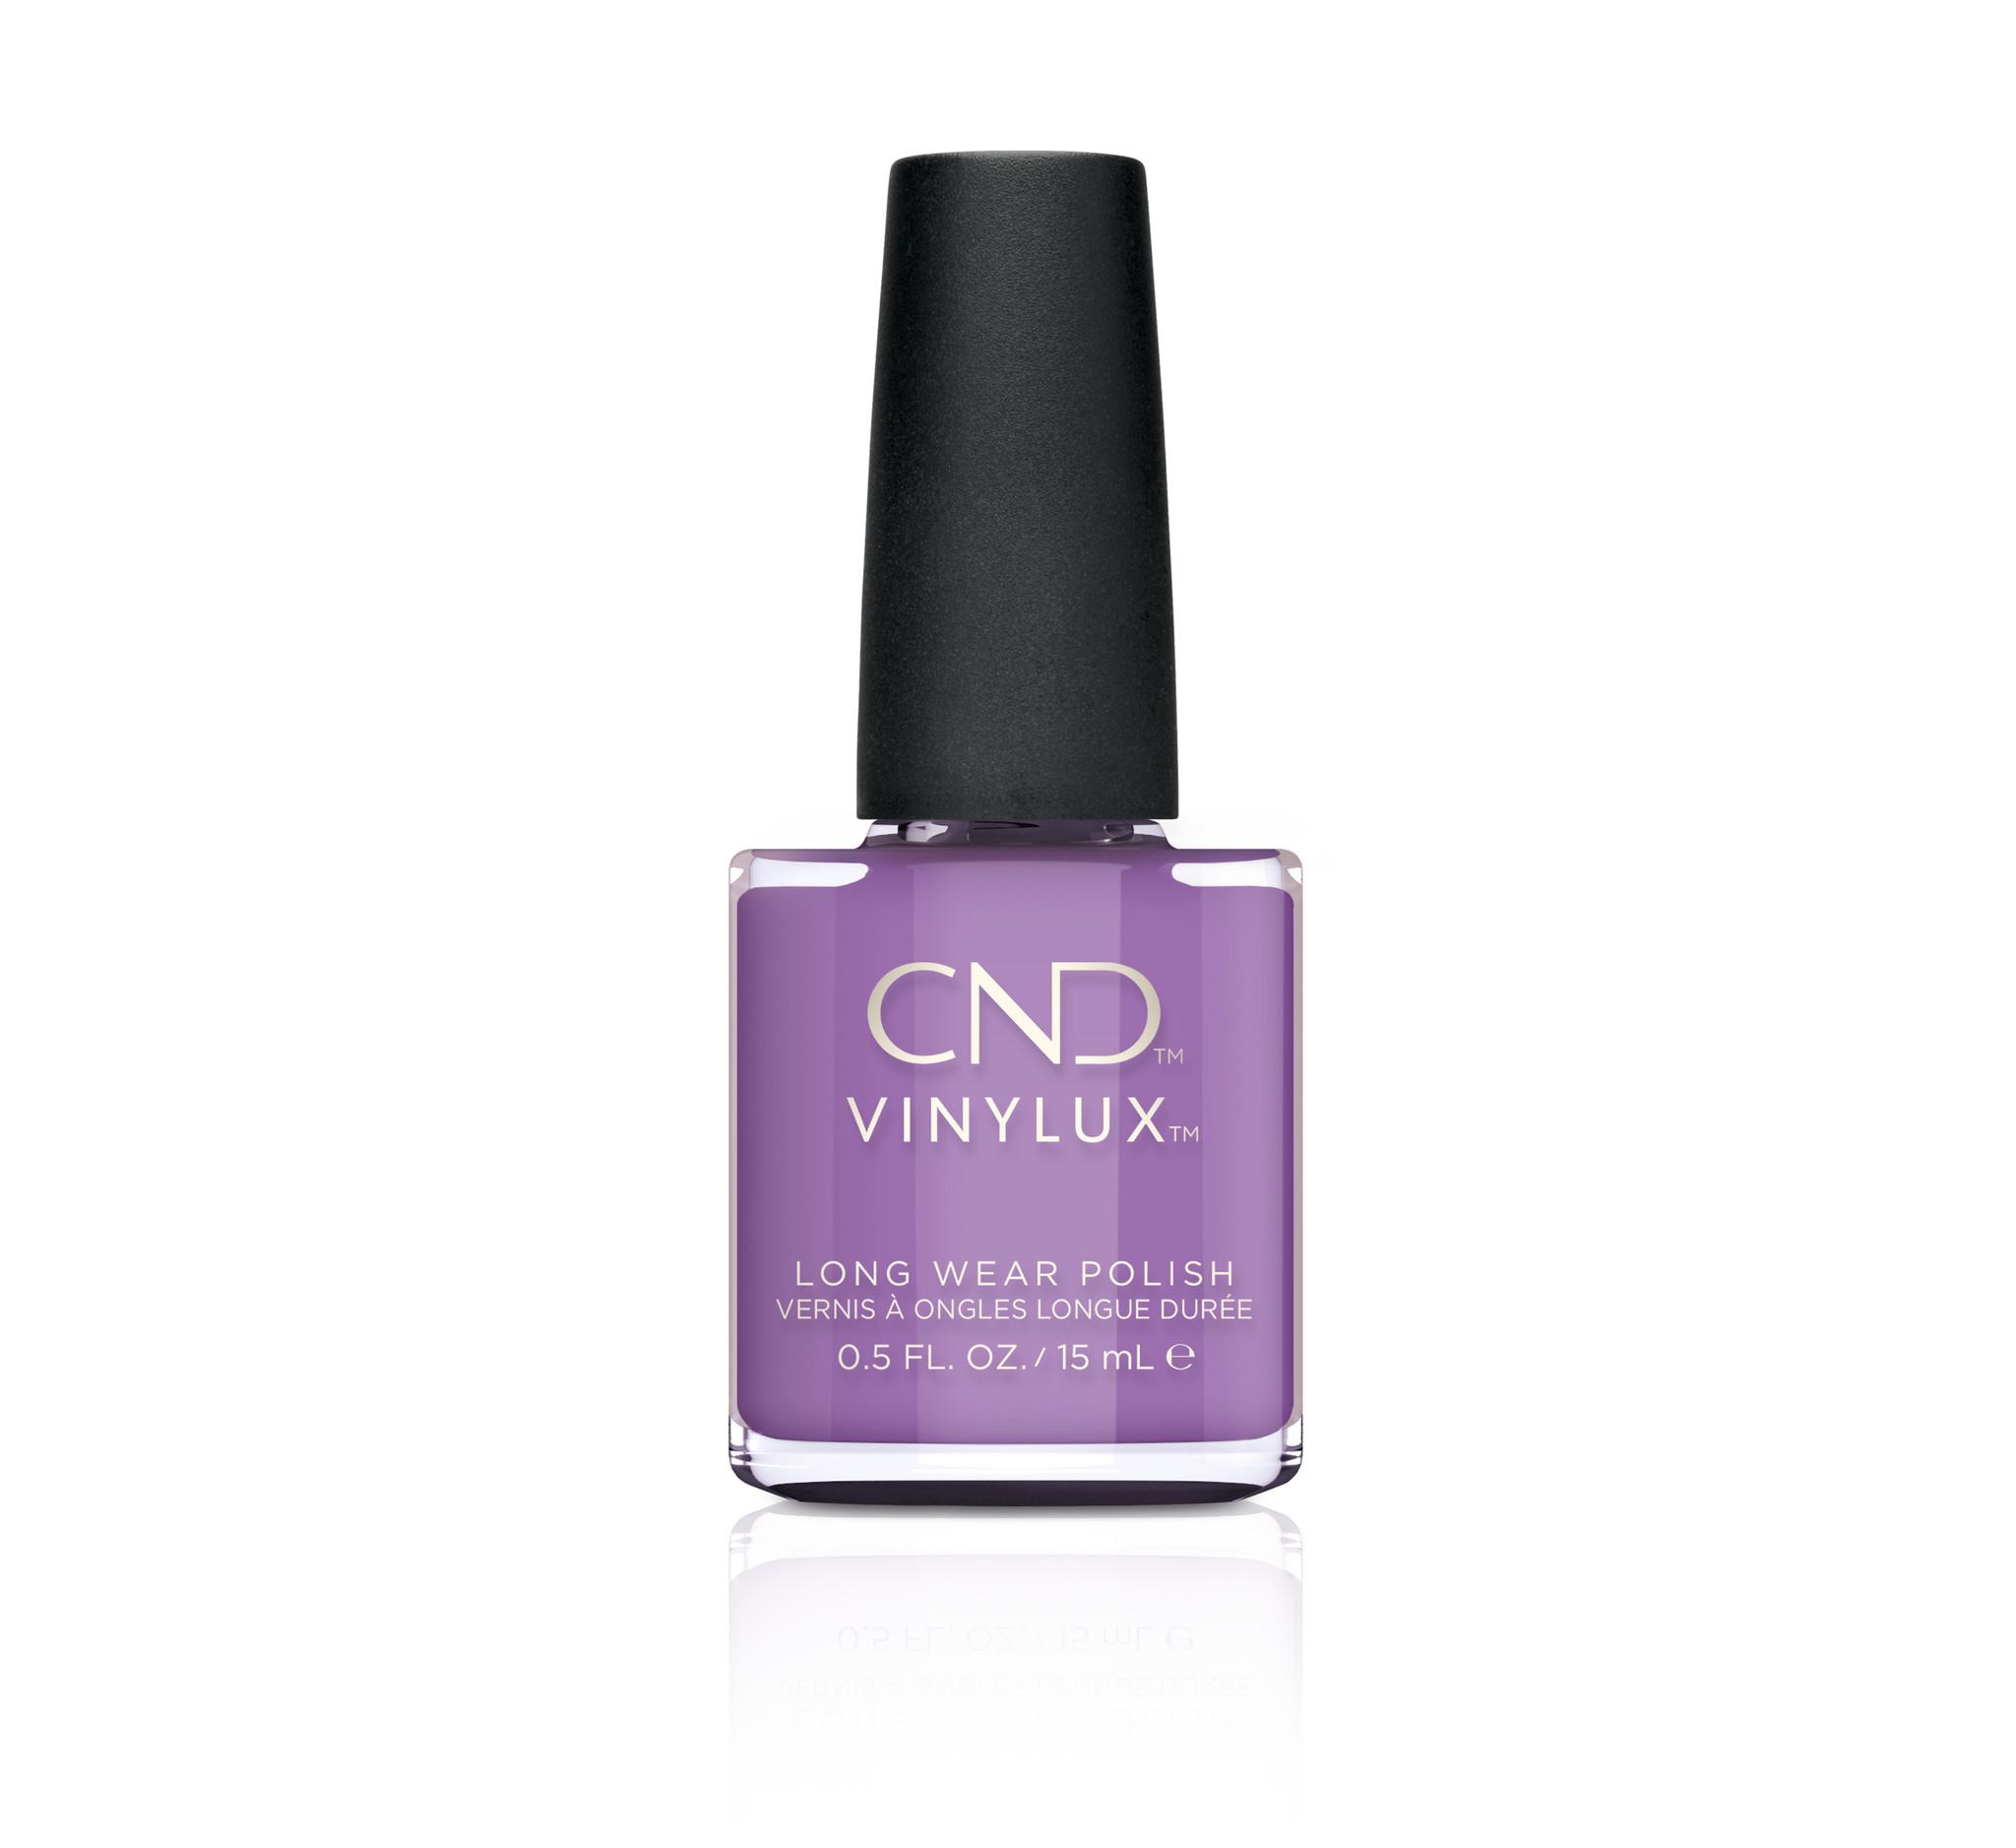 CND vinylux Vernis à ongles longue durée: IT'S NOW OAR NEVER